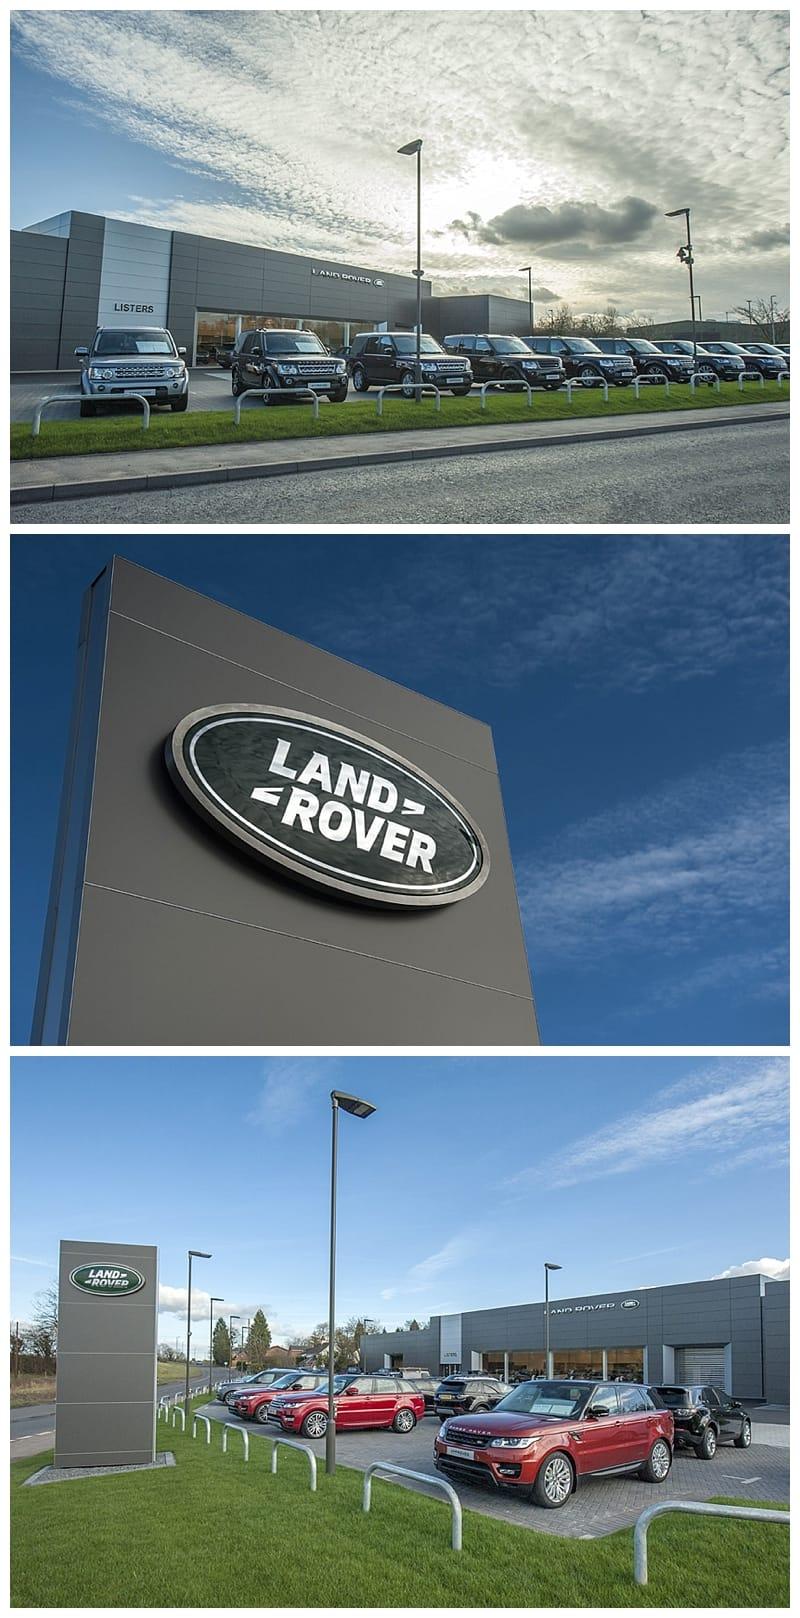 jaguar-land-rover-benjamin-wetherall-photography-0022